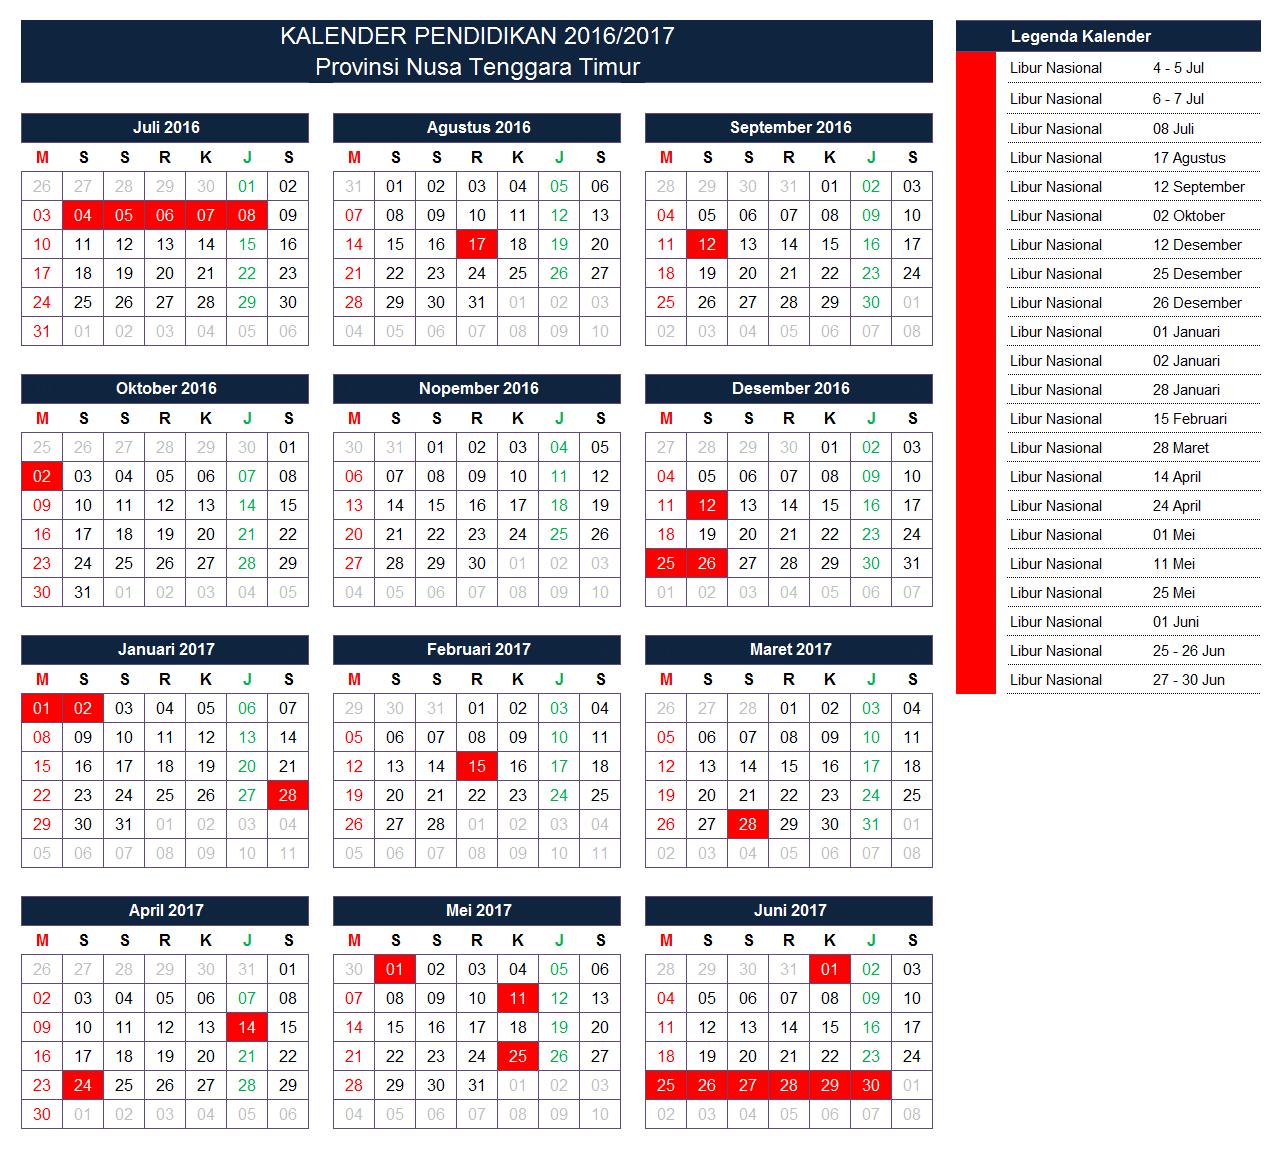 Kalender Pendidikan Provinsi Nusa Tenggara Timur